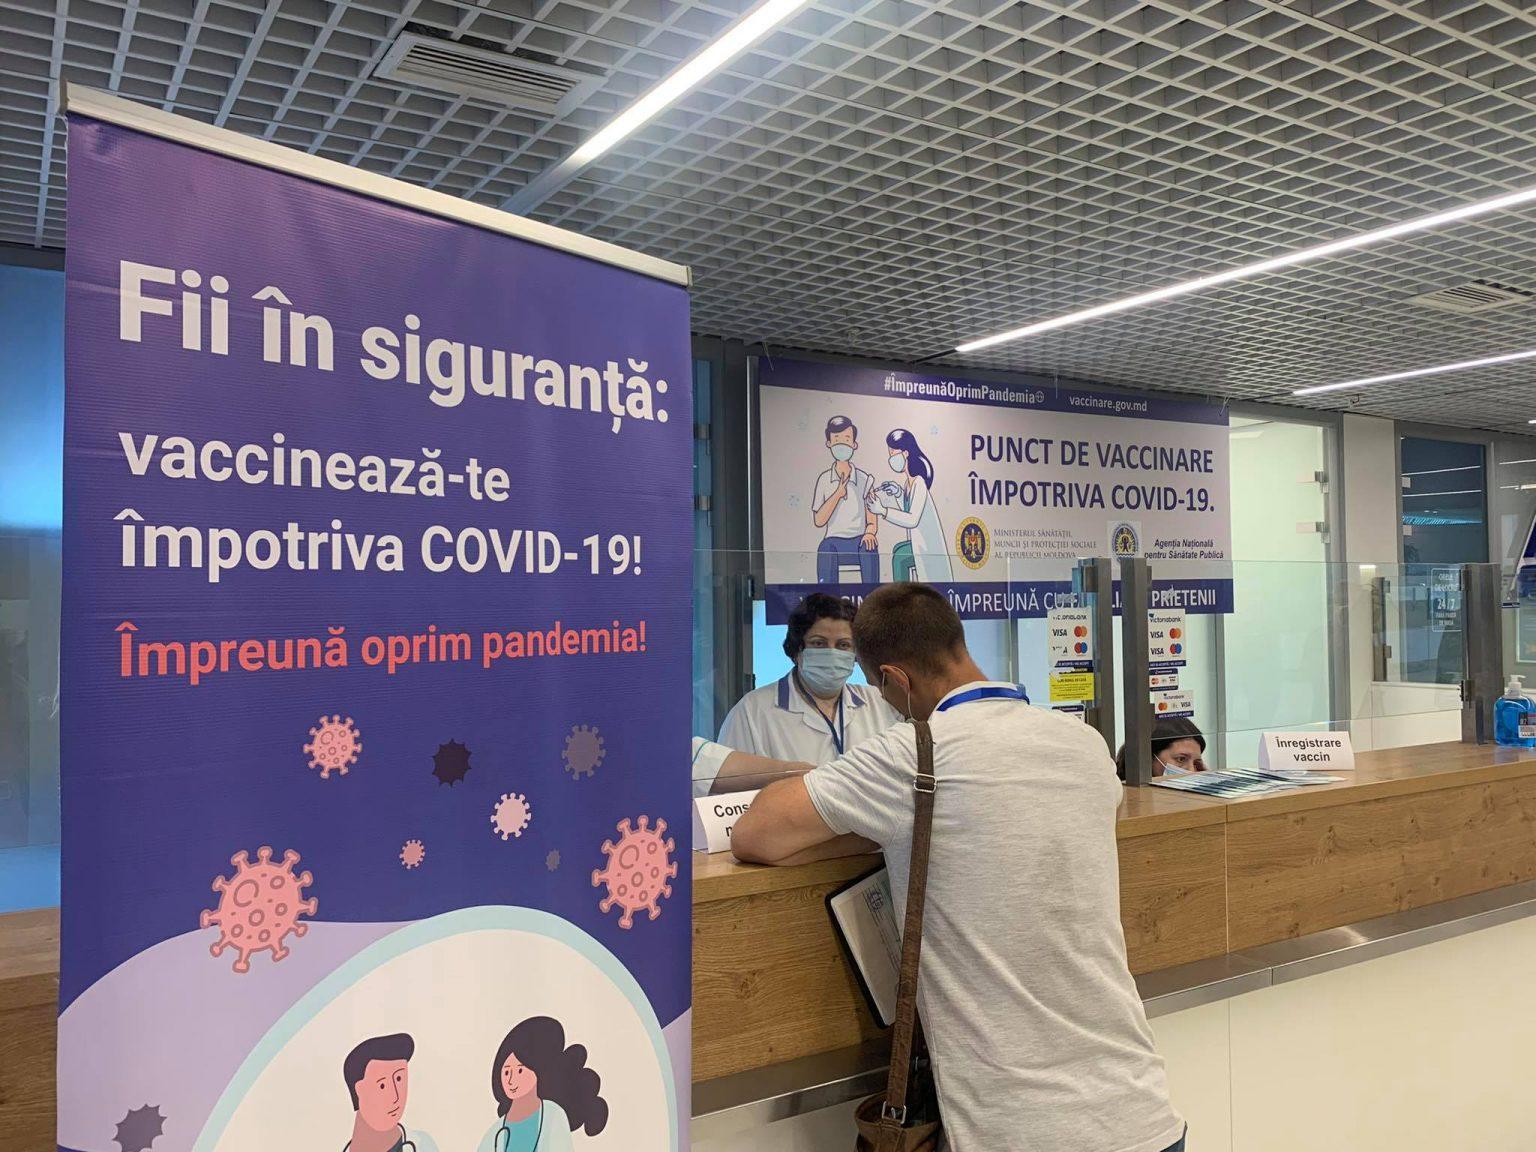 В аэропорту Кишинева открыли пункт вакцинации от коронавируса (ФОТО)